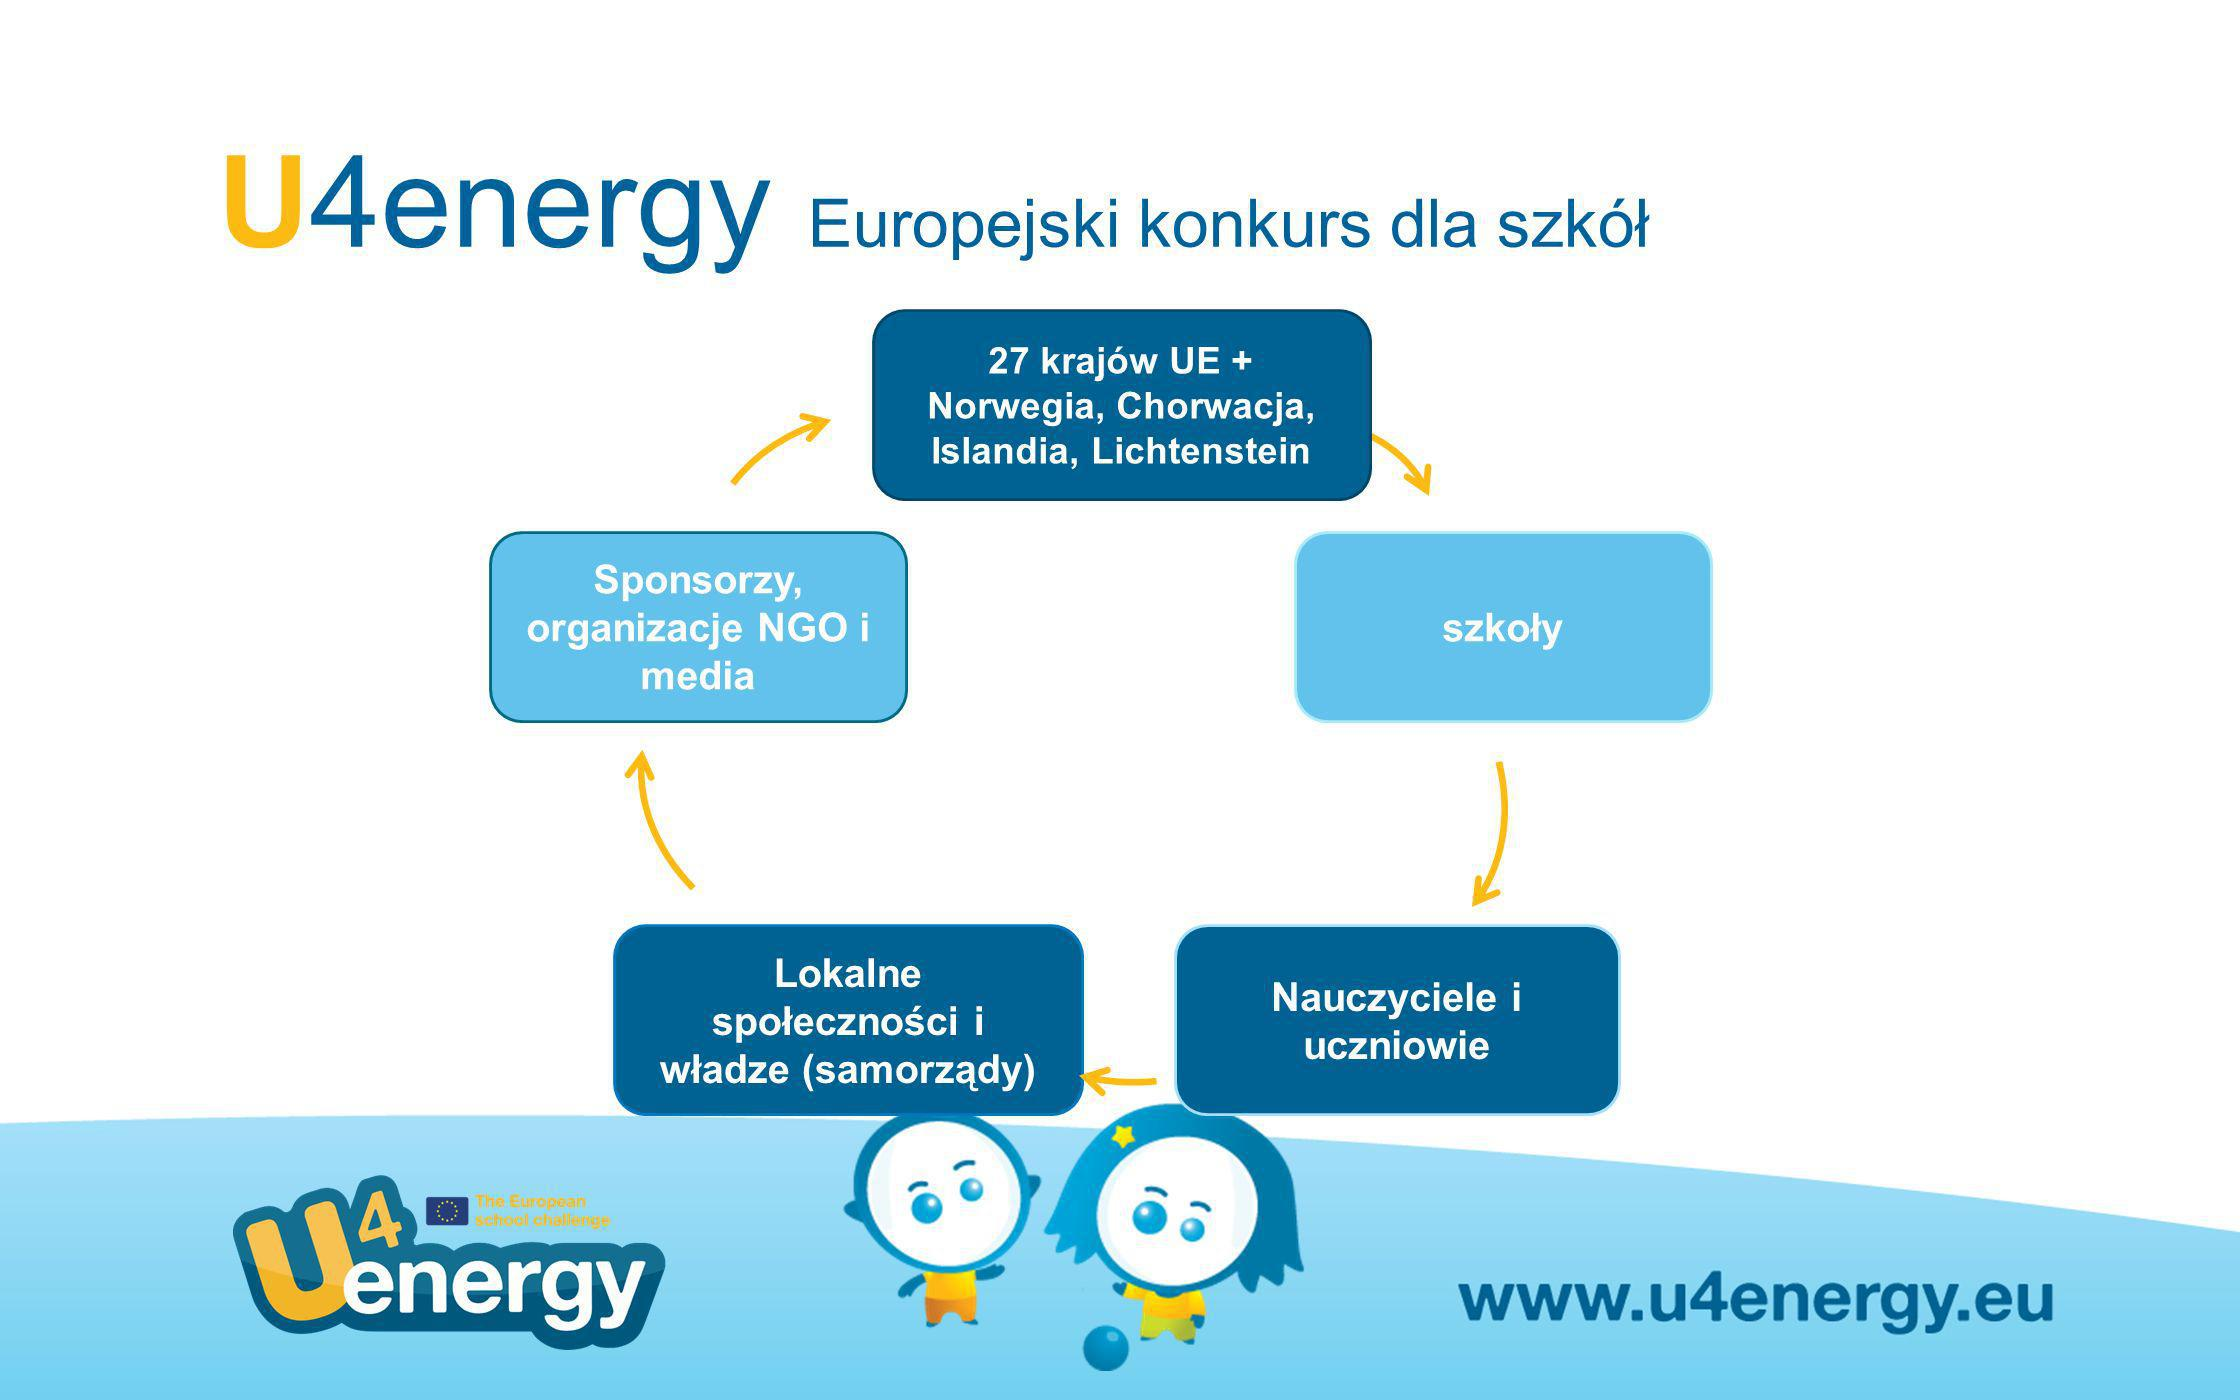 U4energy Europejski konkurs dla szkół szkoły Lokalne społeczności i władze (samorządy) Sponsorzy, organizacje NGO i media 27 krajów UE + Norwegia, Cho